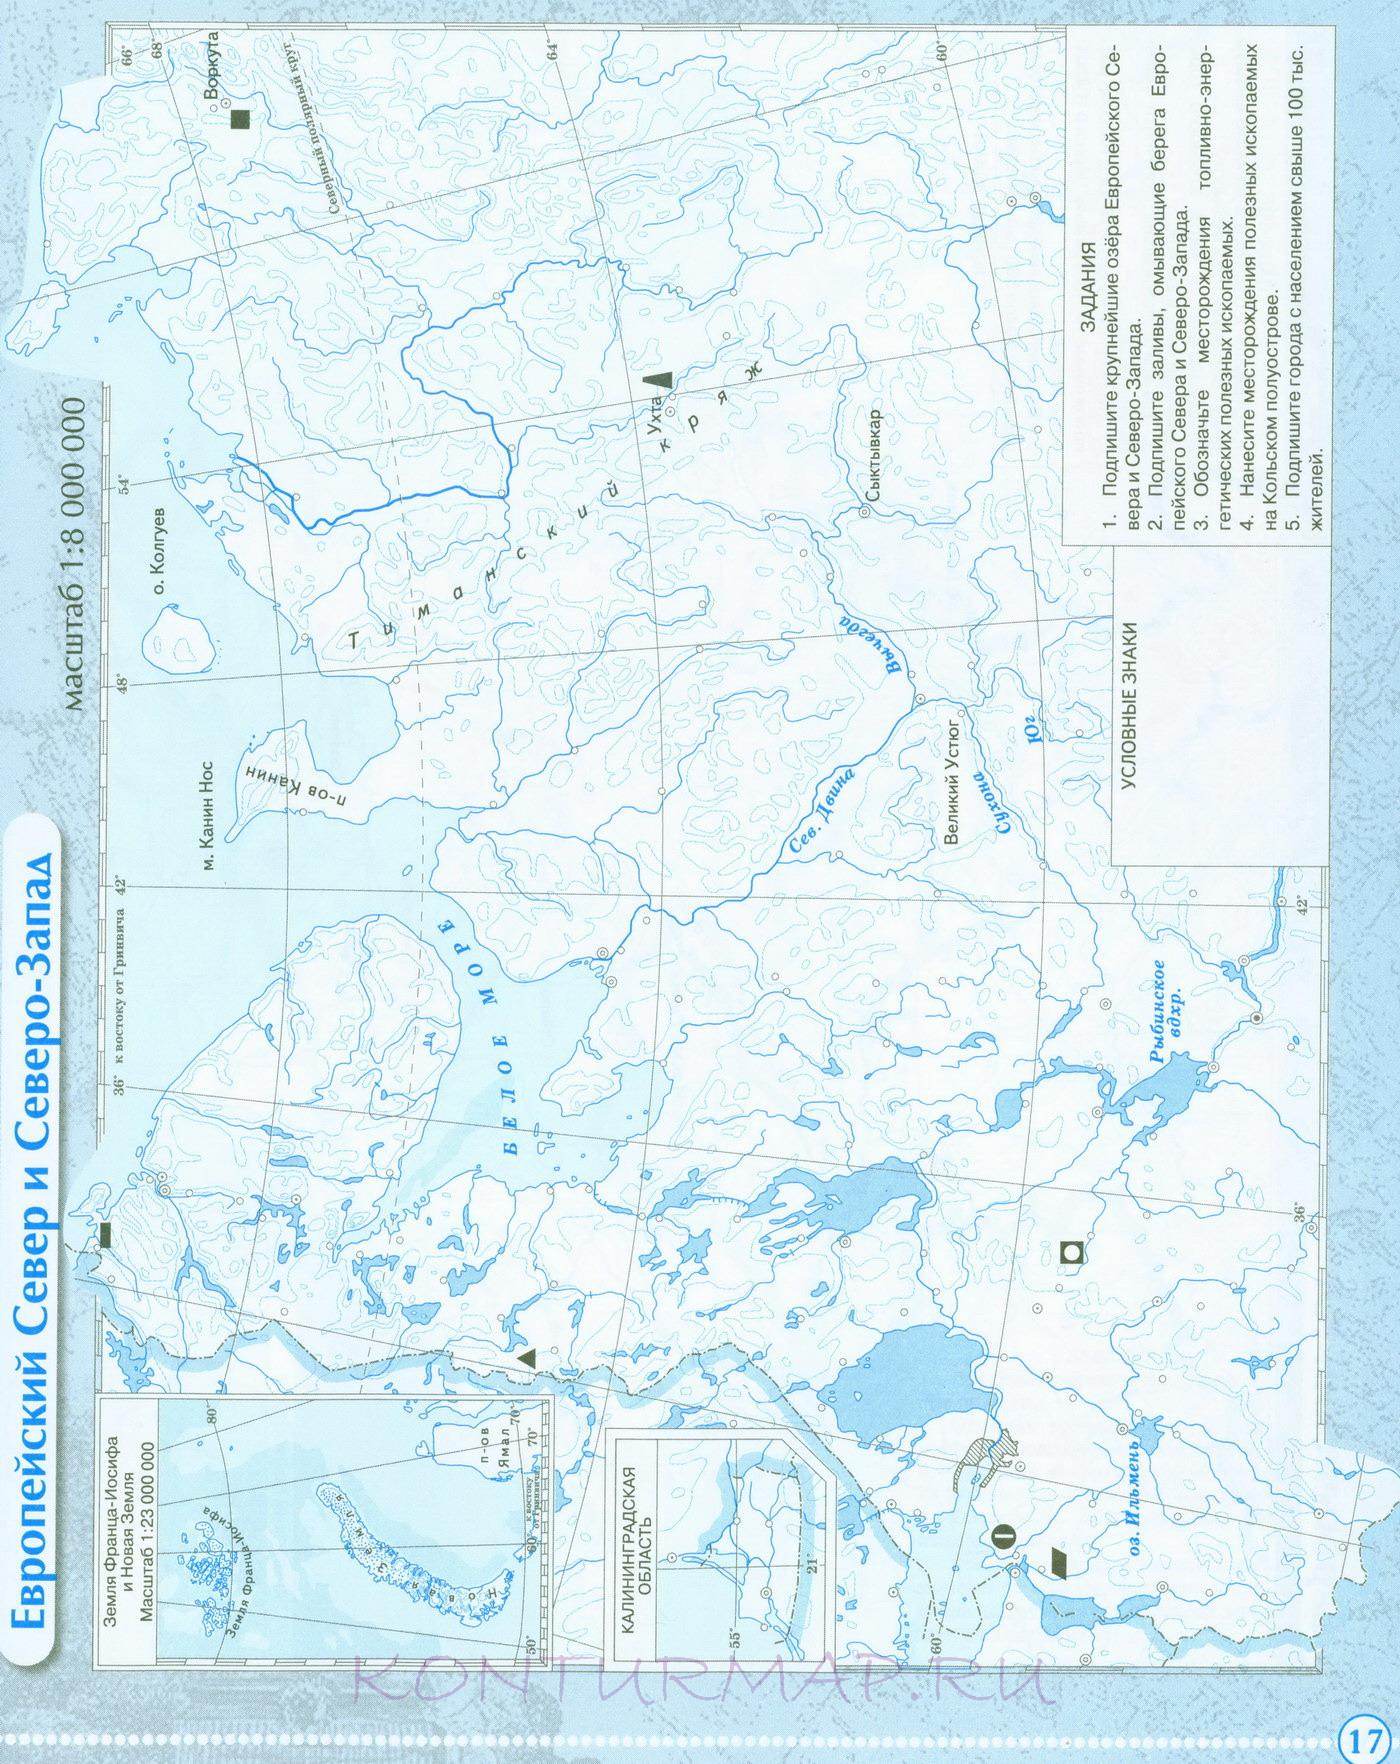 Читать онлайн контурная карта по географии 8 класс ответы